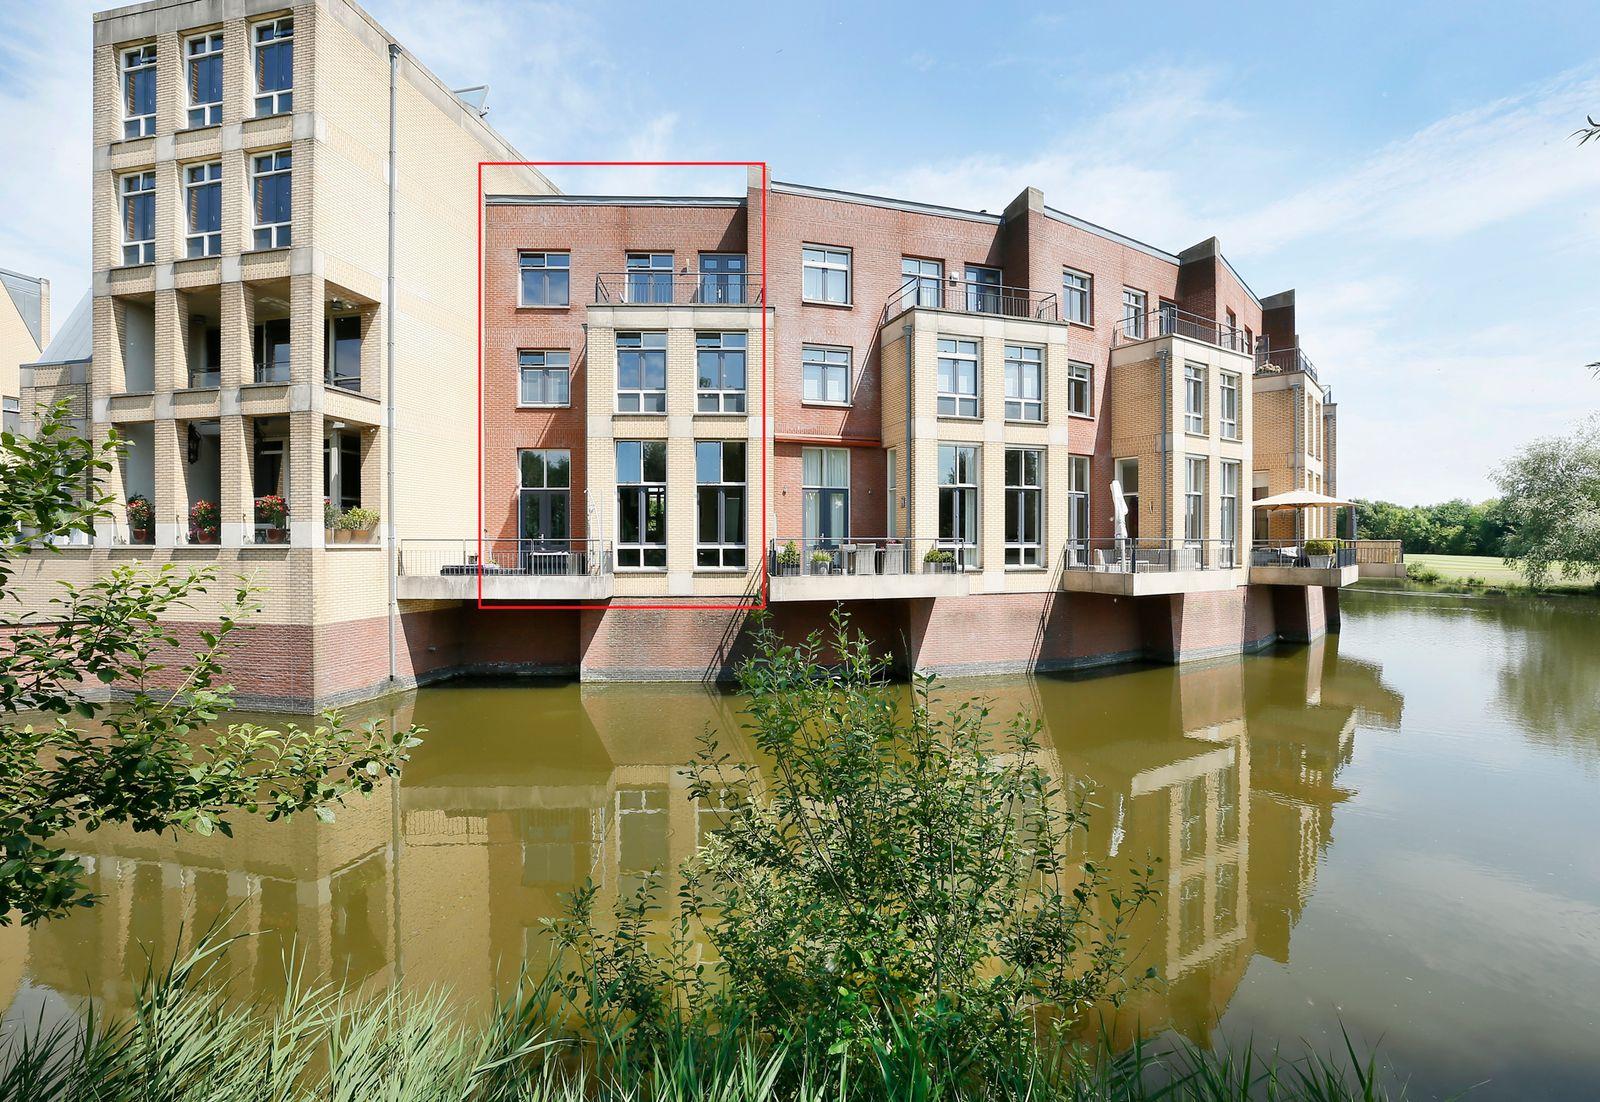 Zwaenenstede 3, 's-hertogenbosch